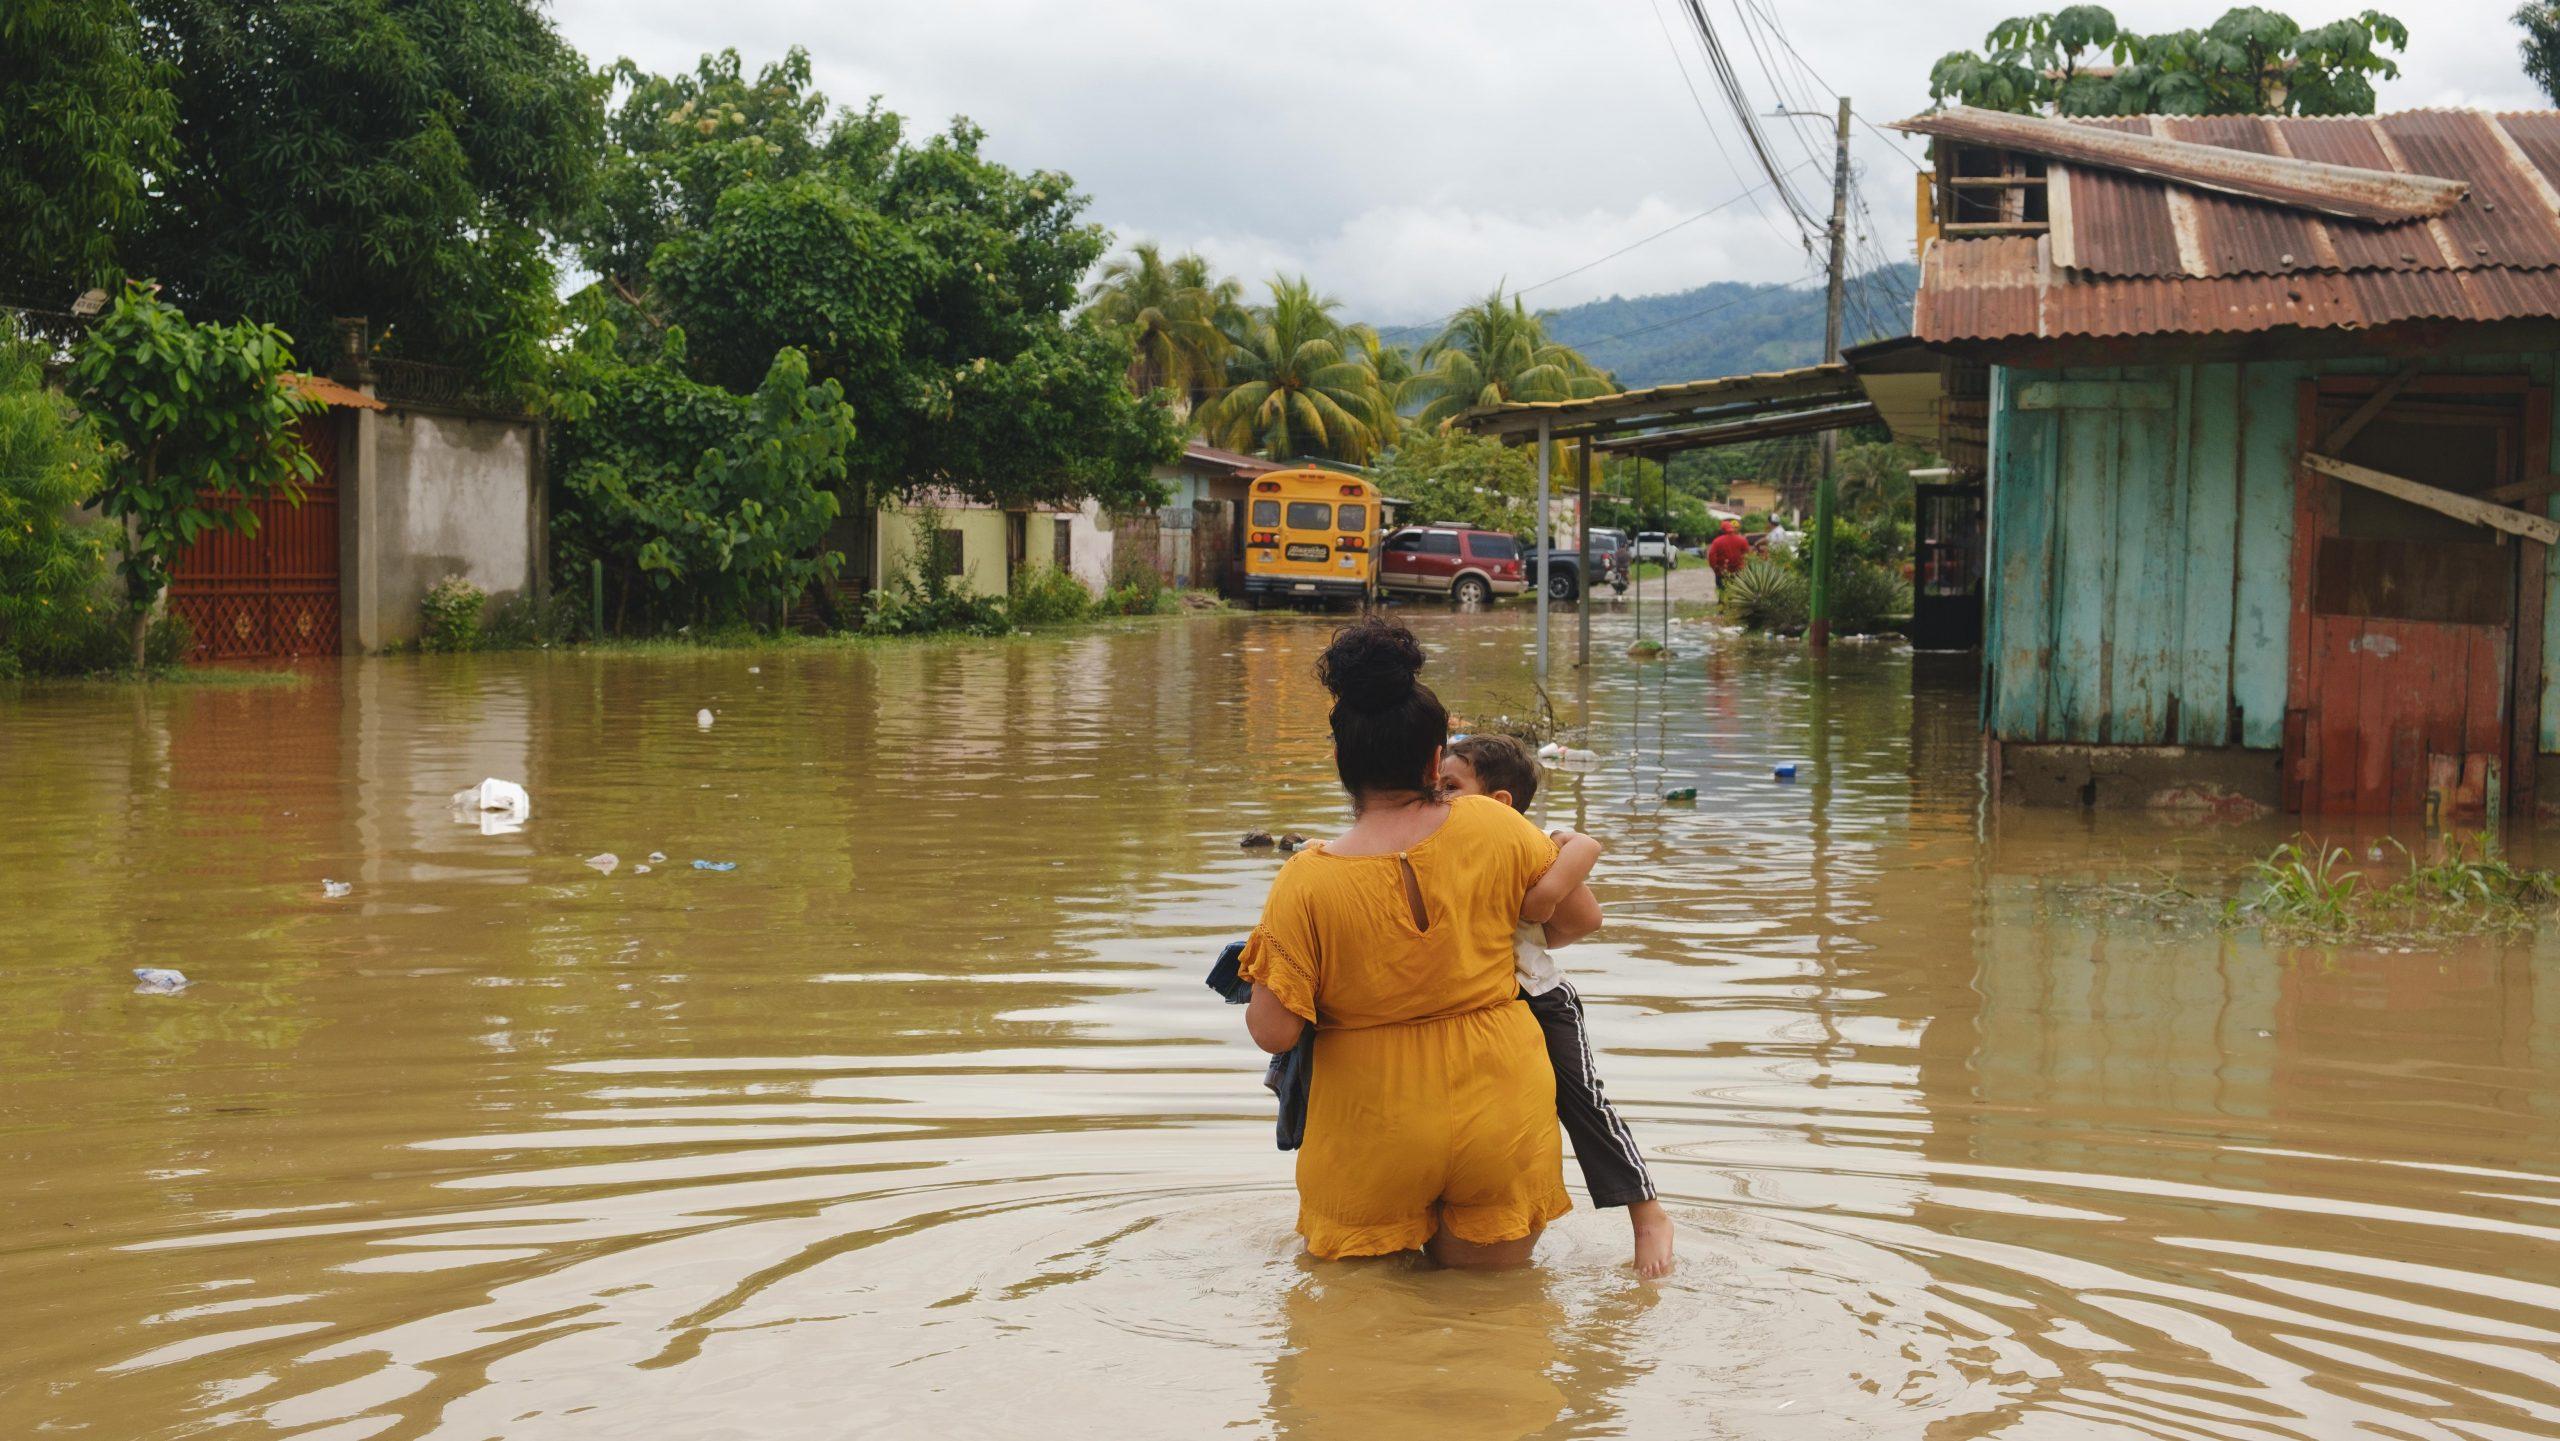 Una joven carga a su hijo a través de una calle inundada en el barrio San Miguel de El Progreso. 5 de noviembre de 2020. Foto: Deiby Yanes.